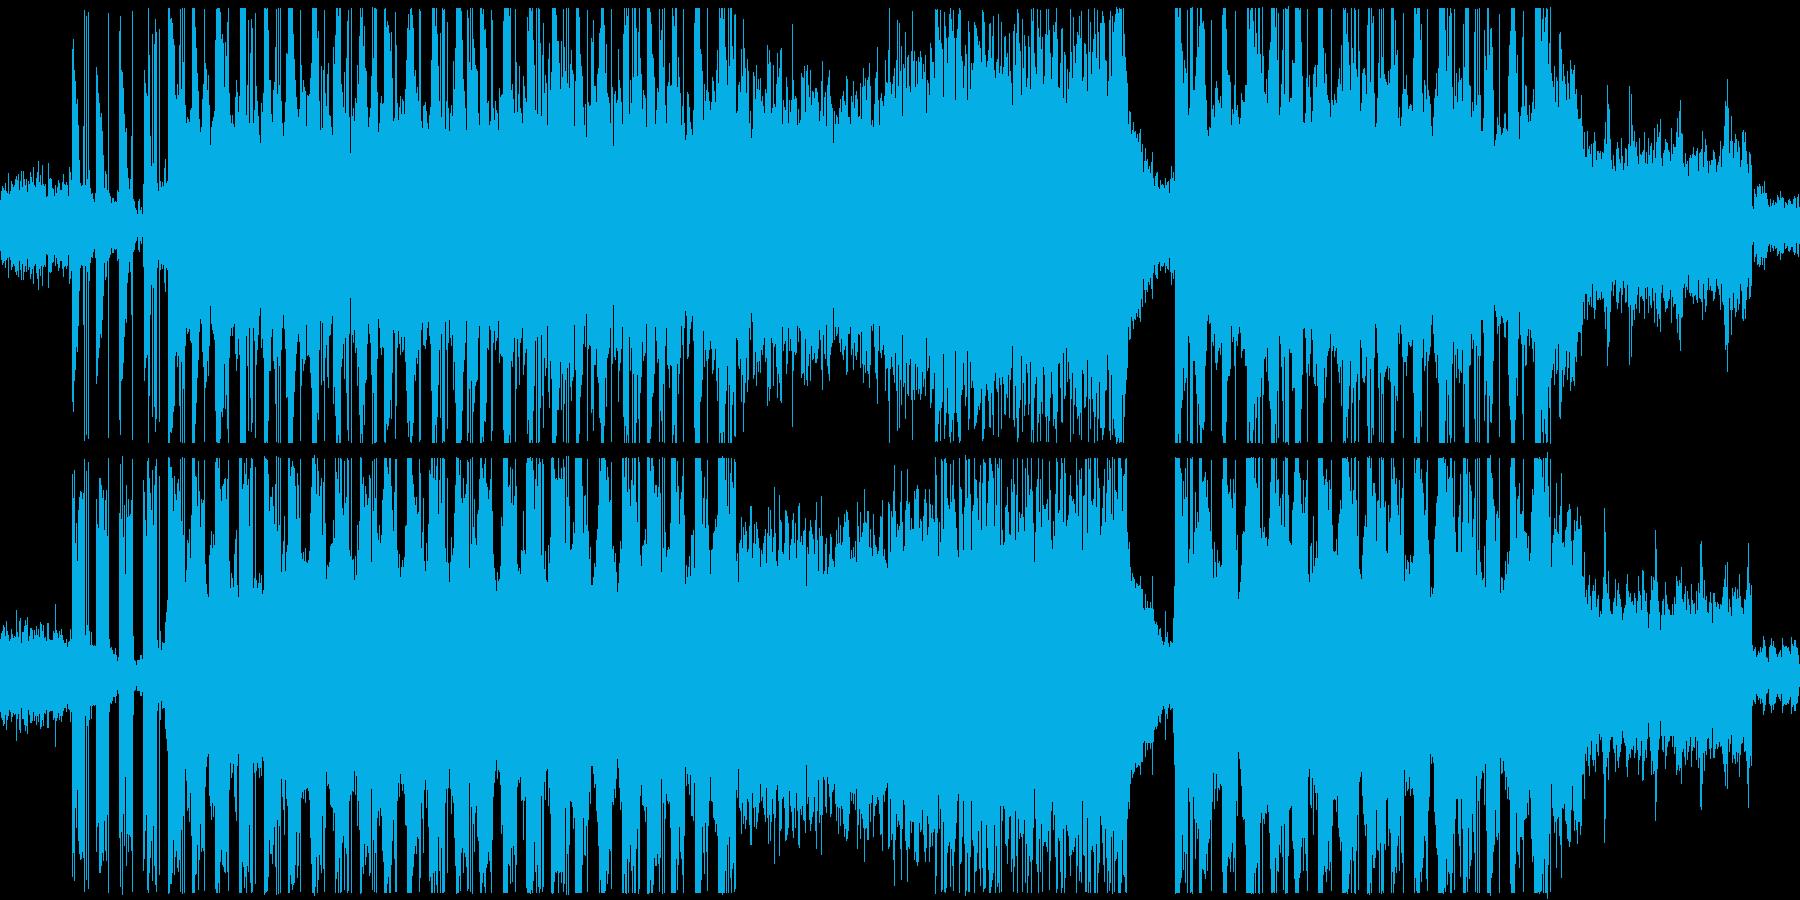 神秘的な雰囲気のアンビエントテクスチャーの再生済みの波形